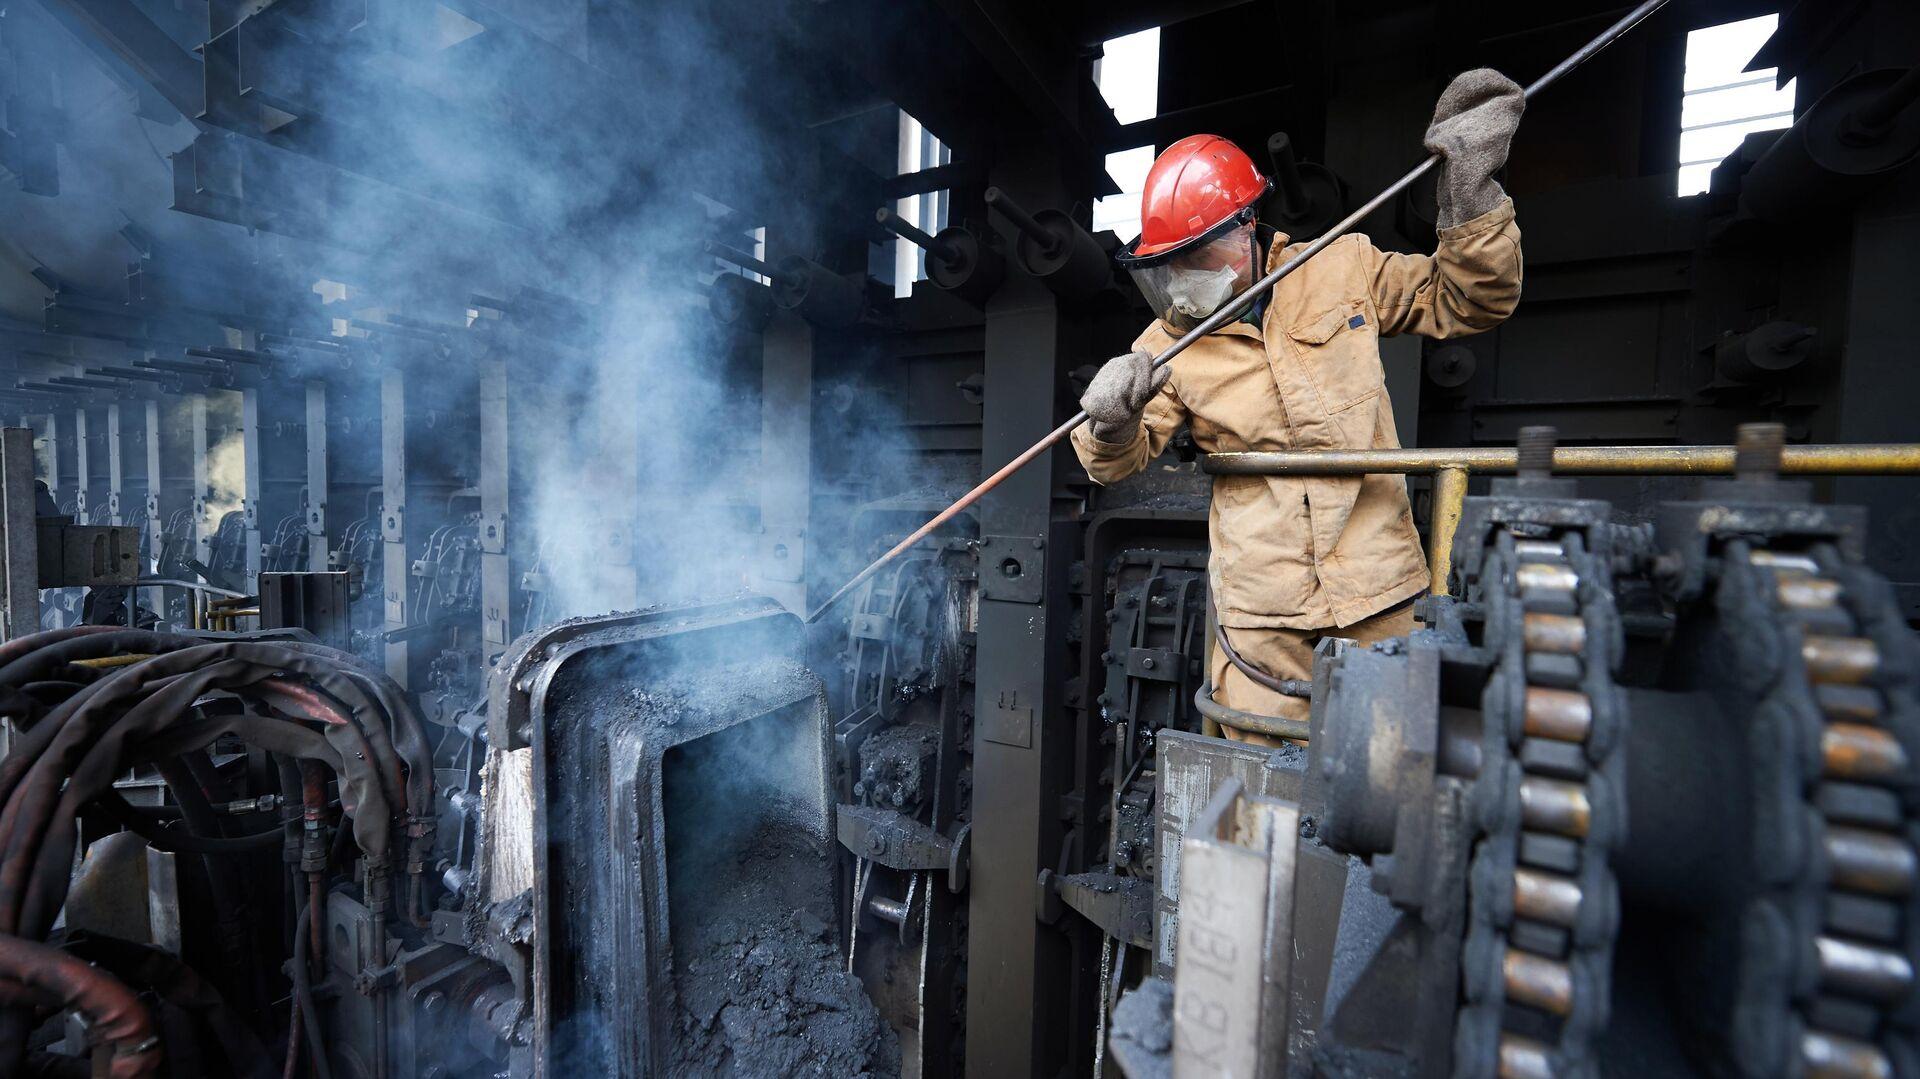 ФАС проведет дополнительные проверки на рынке металлопроката